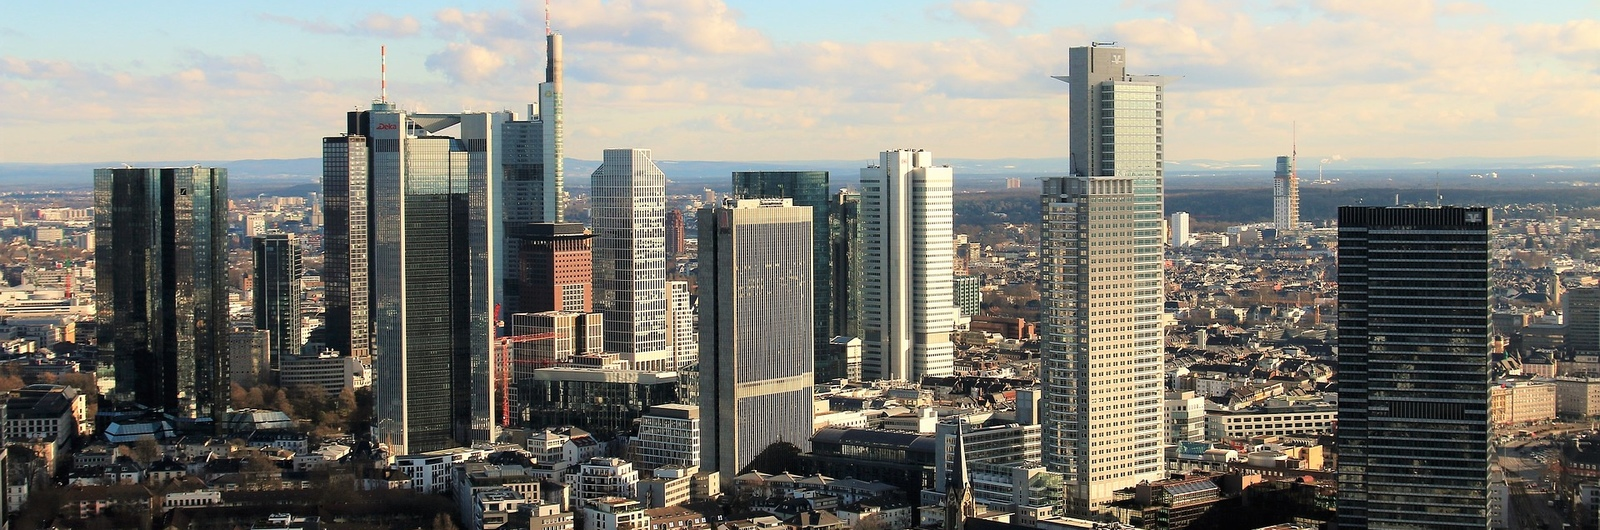 frankfurtammain city header